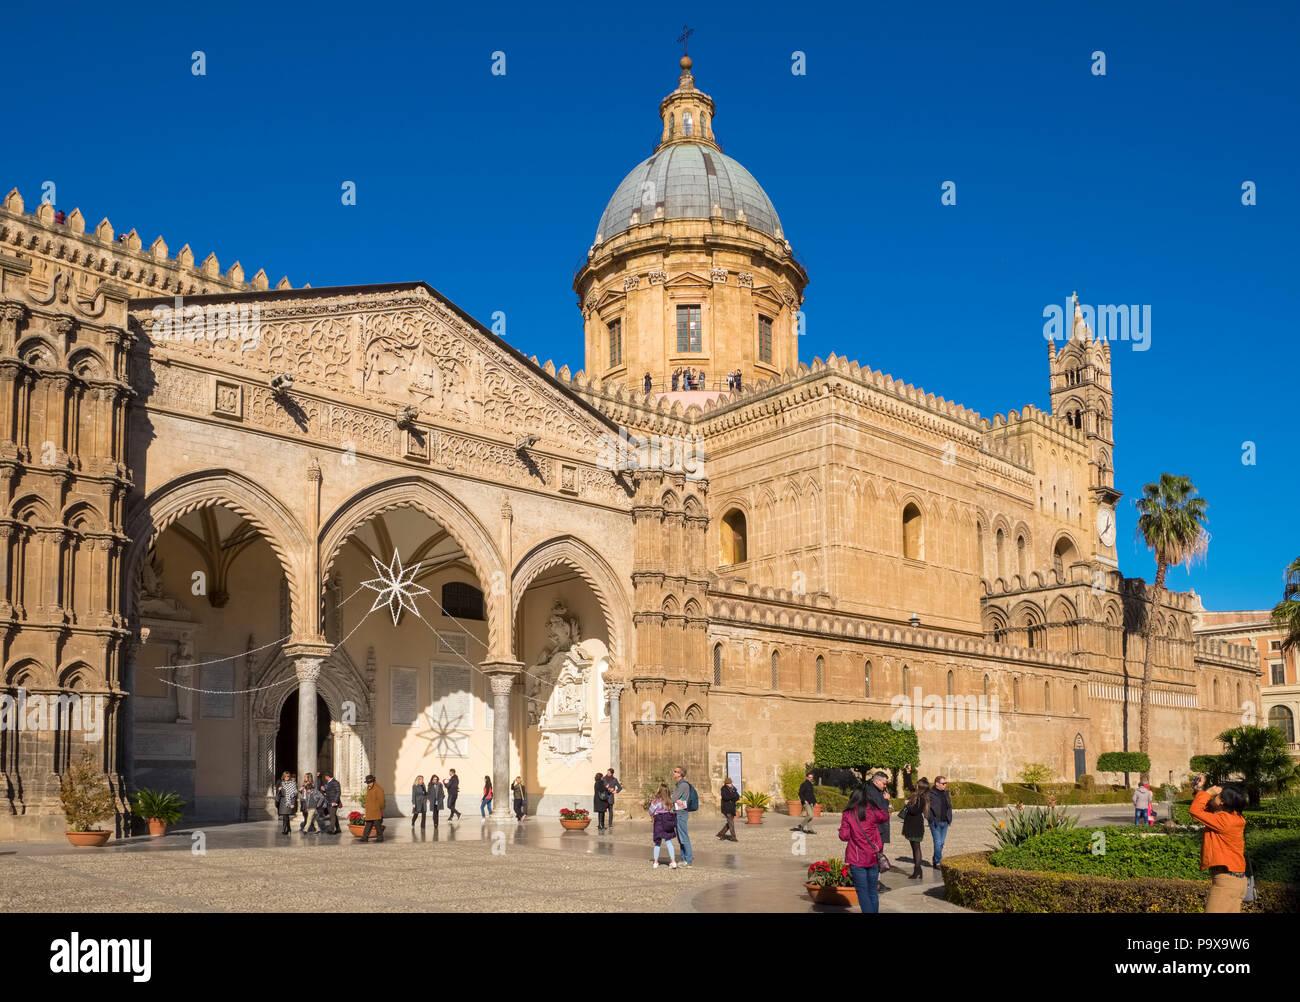 Fassade der Kathedrale von Palermo, der Himmelfahrt der Jungfrau Maria, Palermo, Sizilien, Italien, Europa Stockbild